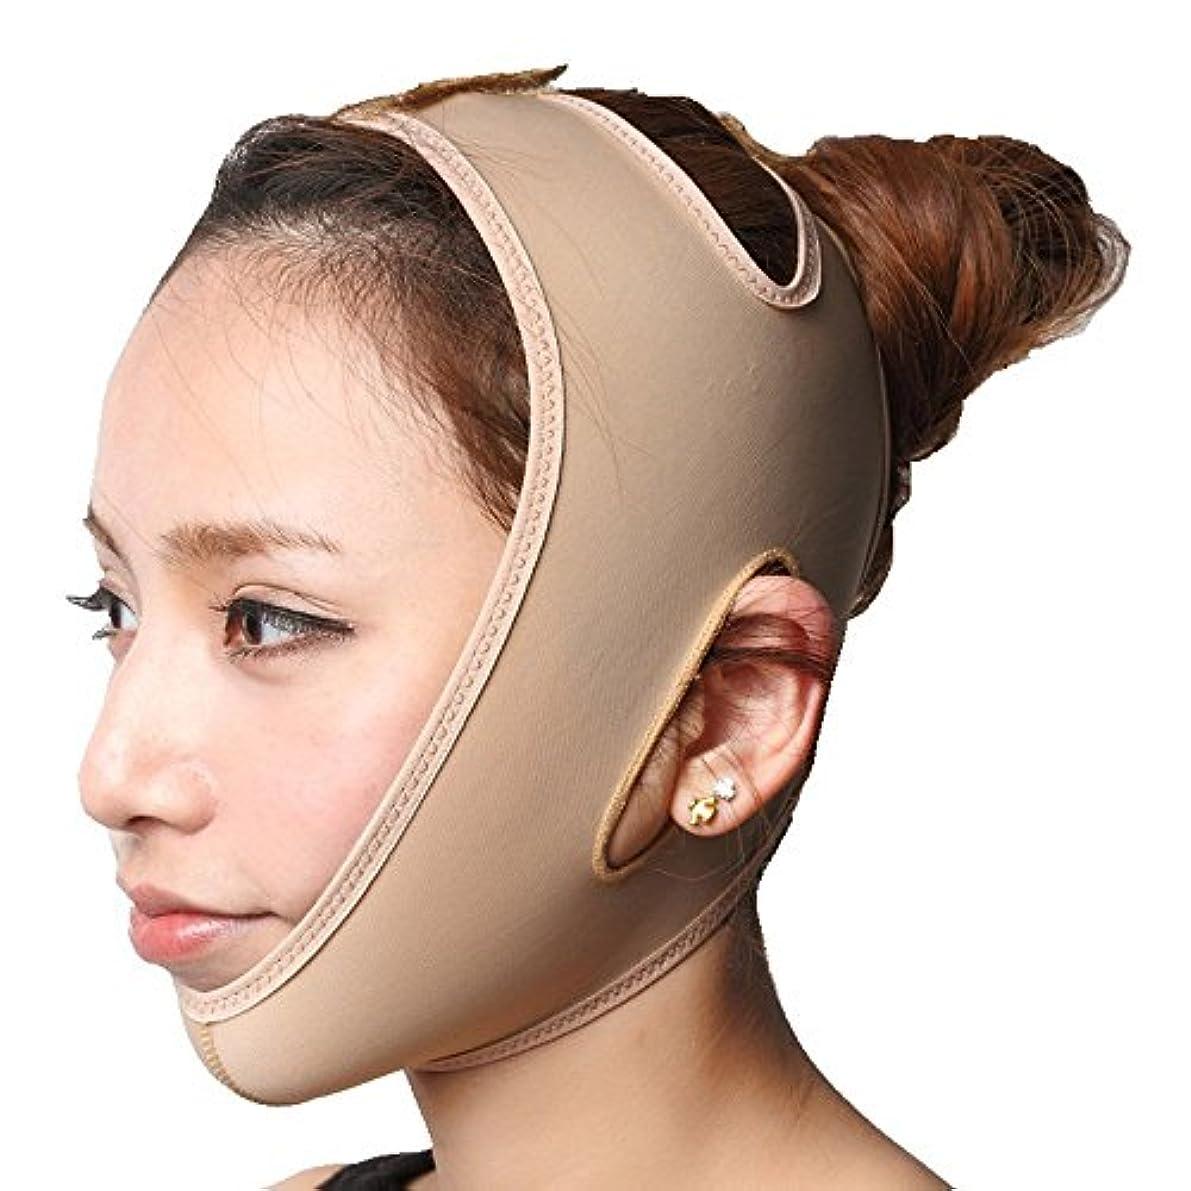 発音する要求する侵略MakeupAccフェイスラインベルト M/L/XLサイズ 抗シワ 額、顎下、頬リフトアップ 小顔 美顔 頬のたるみ 引き上げマスク(ベージュ)【並行輸入品】 (XL)